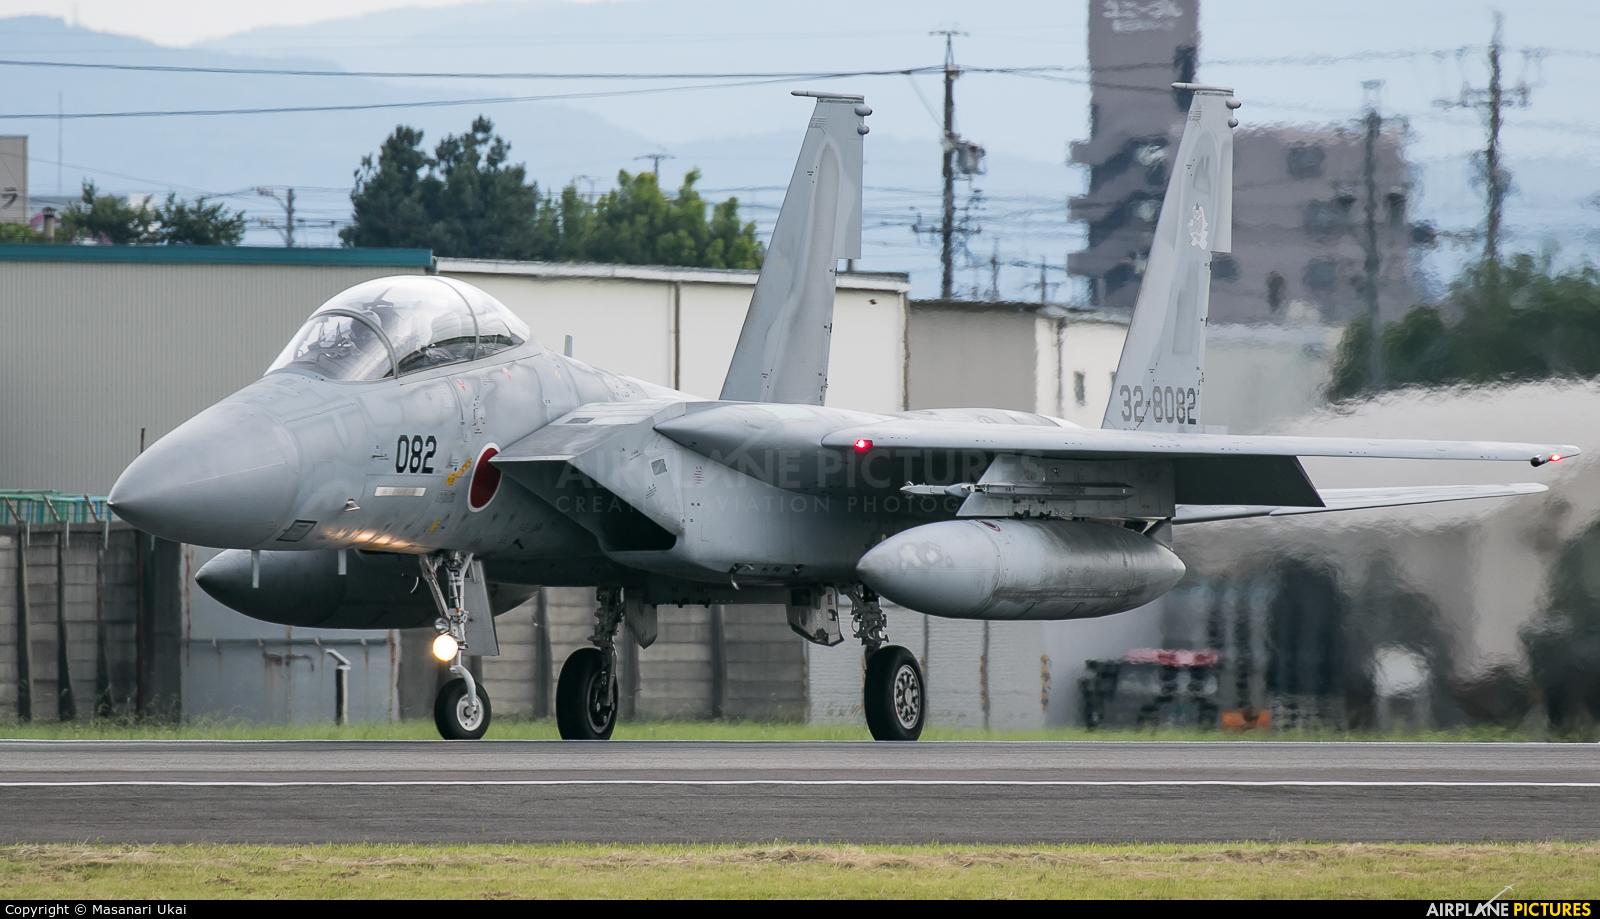 Japan - Air Self Defence Force 32-8082 aircraft at Nagoya - Komaki AB